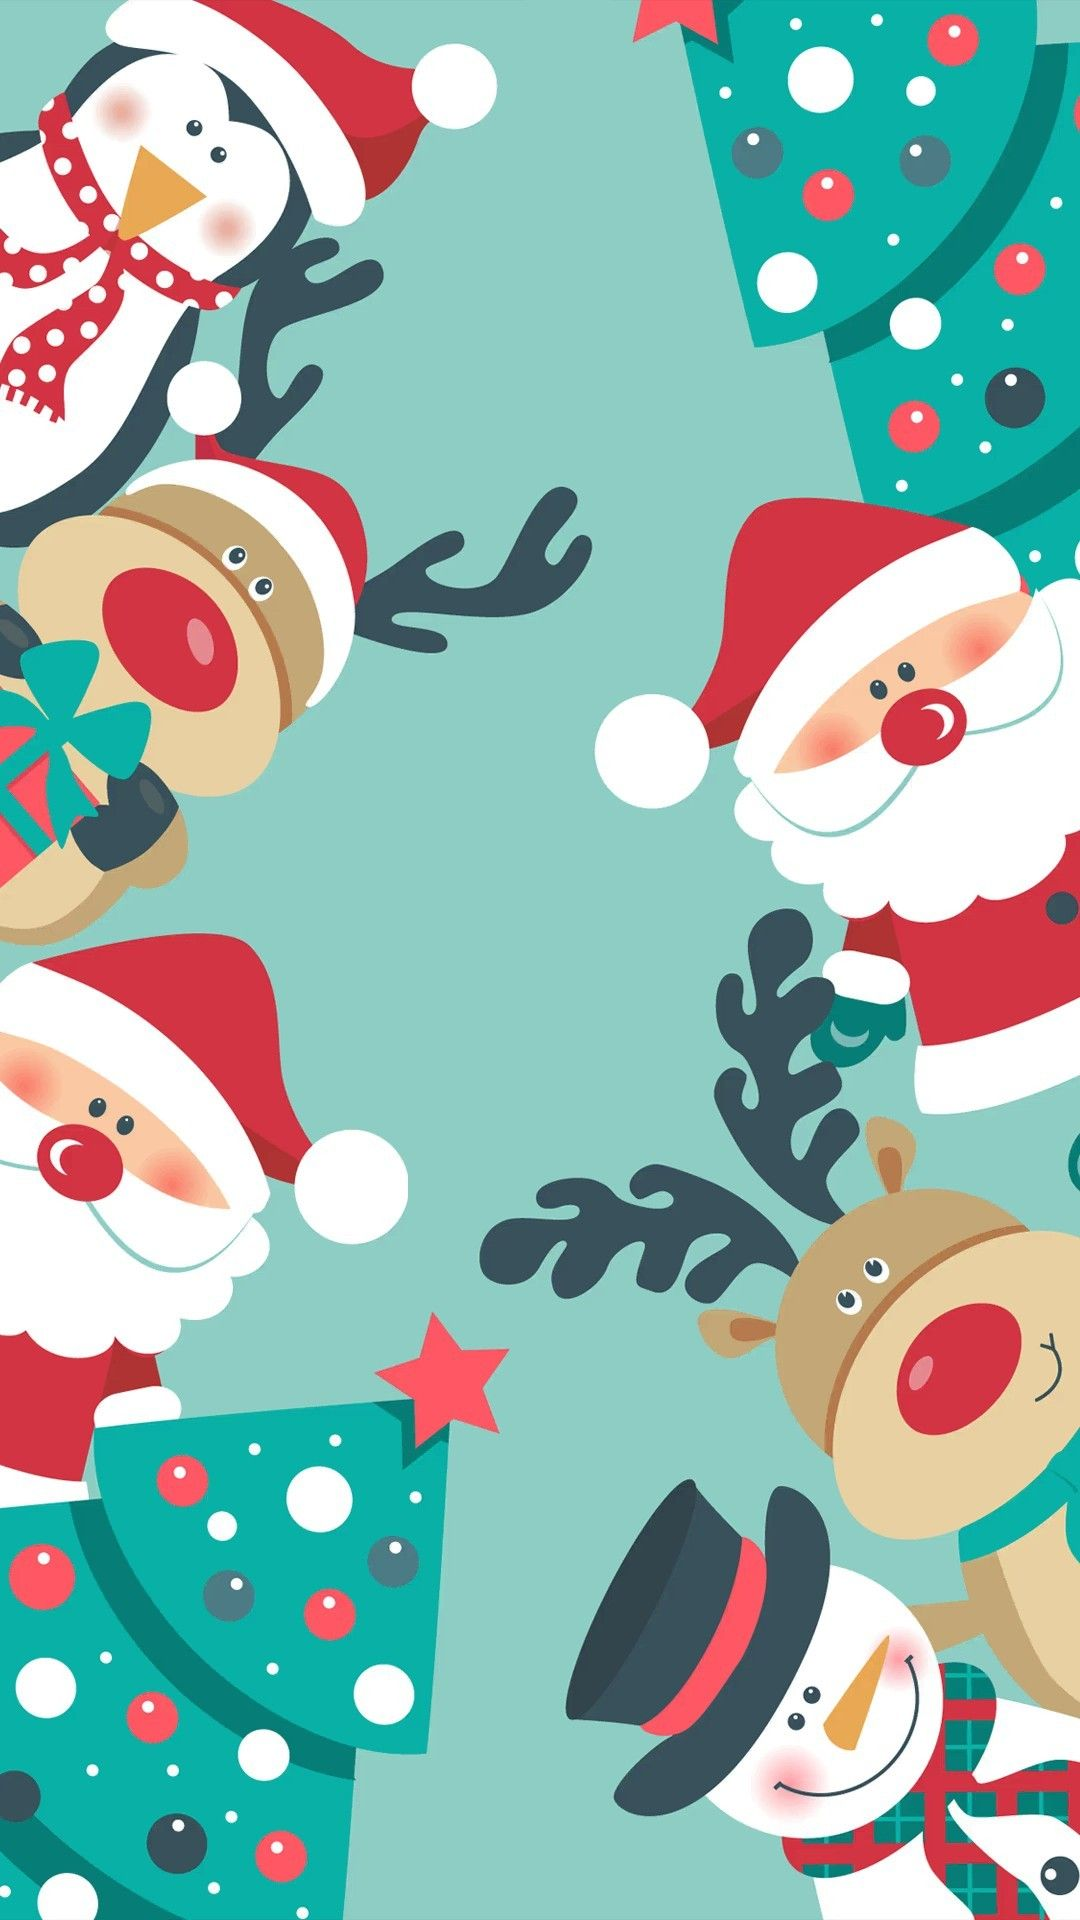 Fondo De Pantalla De Navidad Imagenes De Navidad Fondos Fondos De Navidad Para Iphone Fondos Navidad